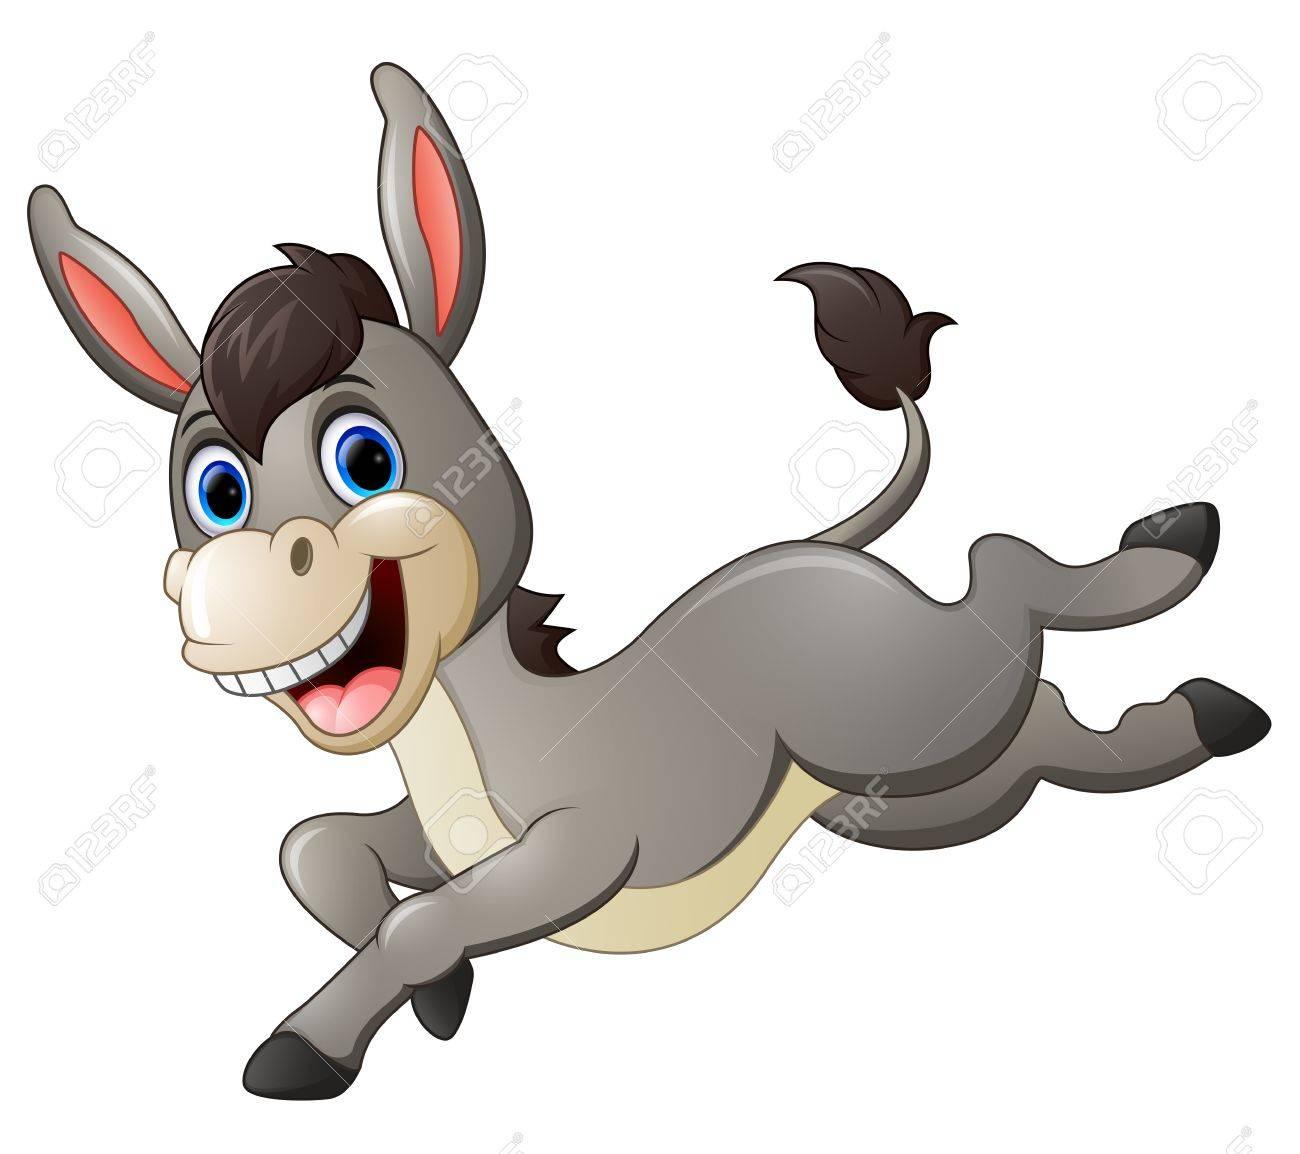 Donkey Cartoon Images.